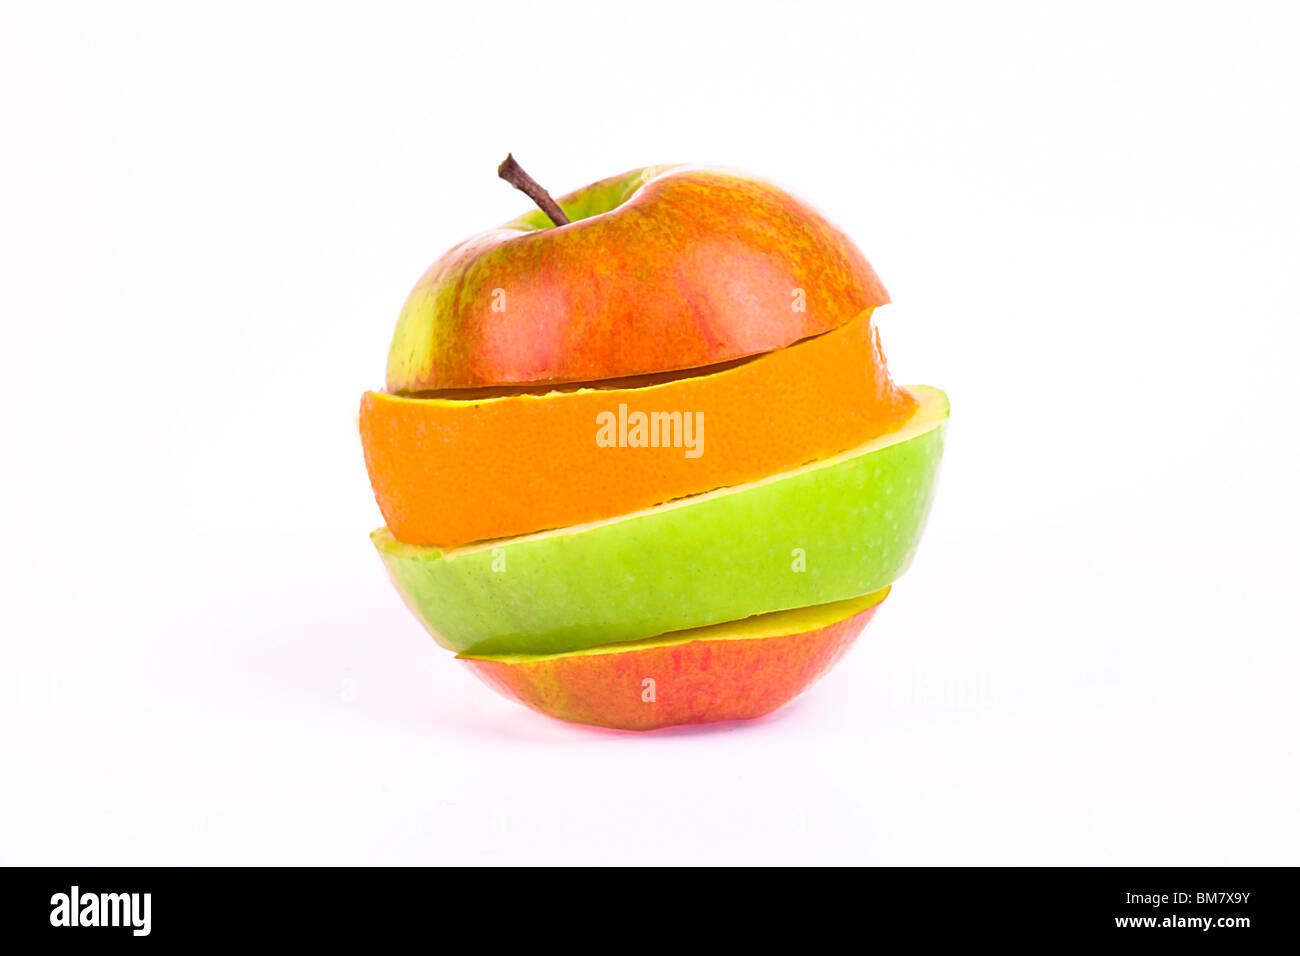 orange and apple slices isolated on white background - Stock Image